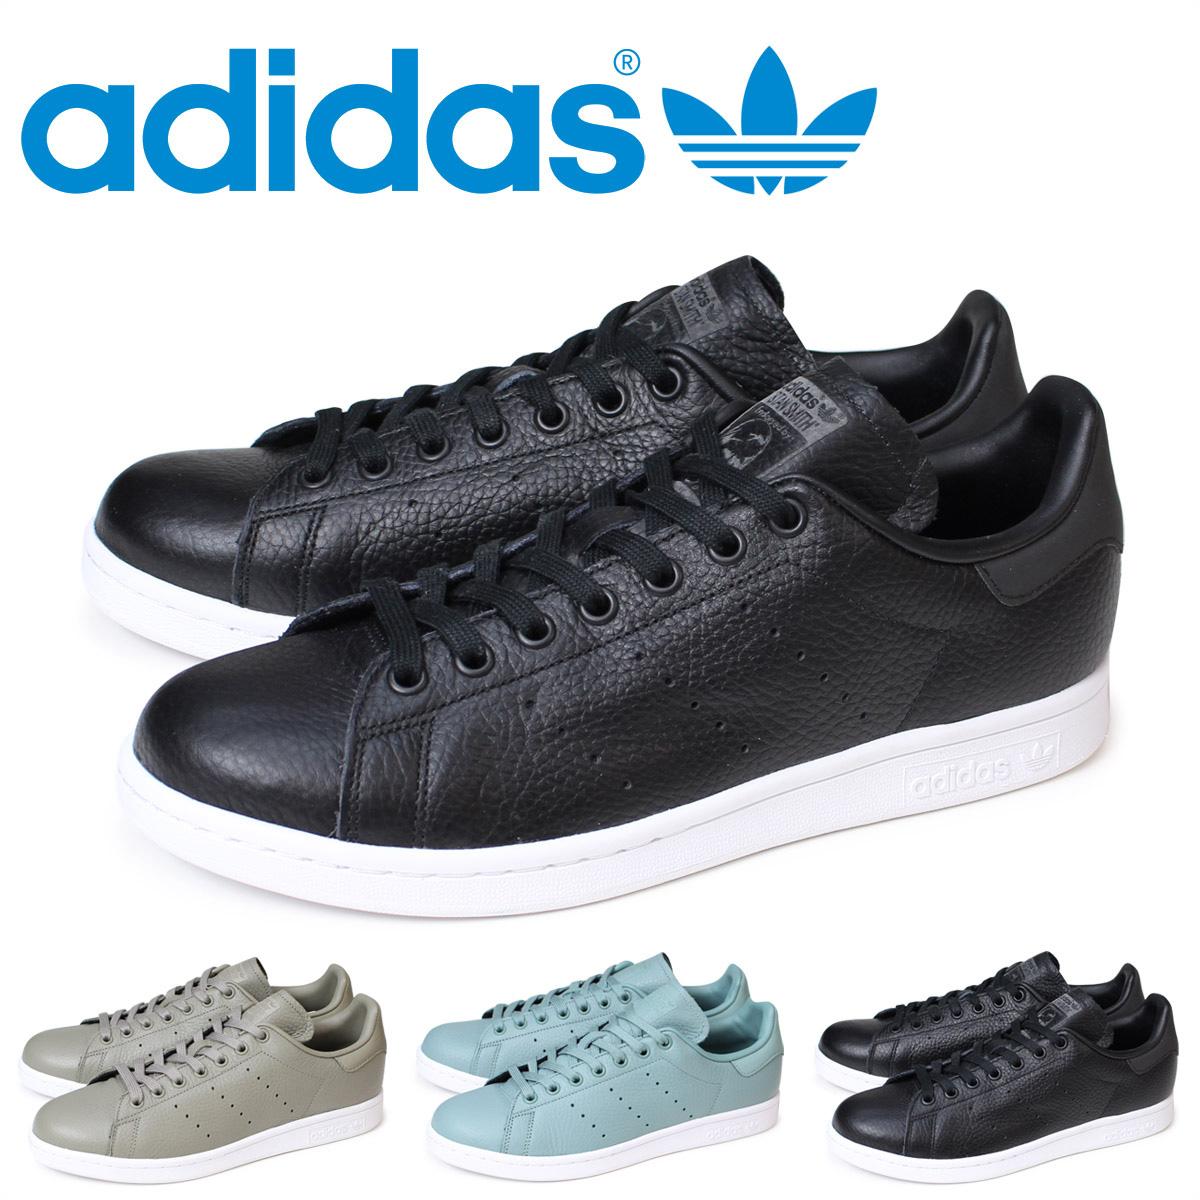 adidas スタンスミス アディダス Originals スニーカー STAN SMITH メンズ BB0053 BB0054 BB0055 靴